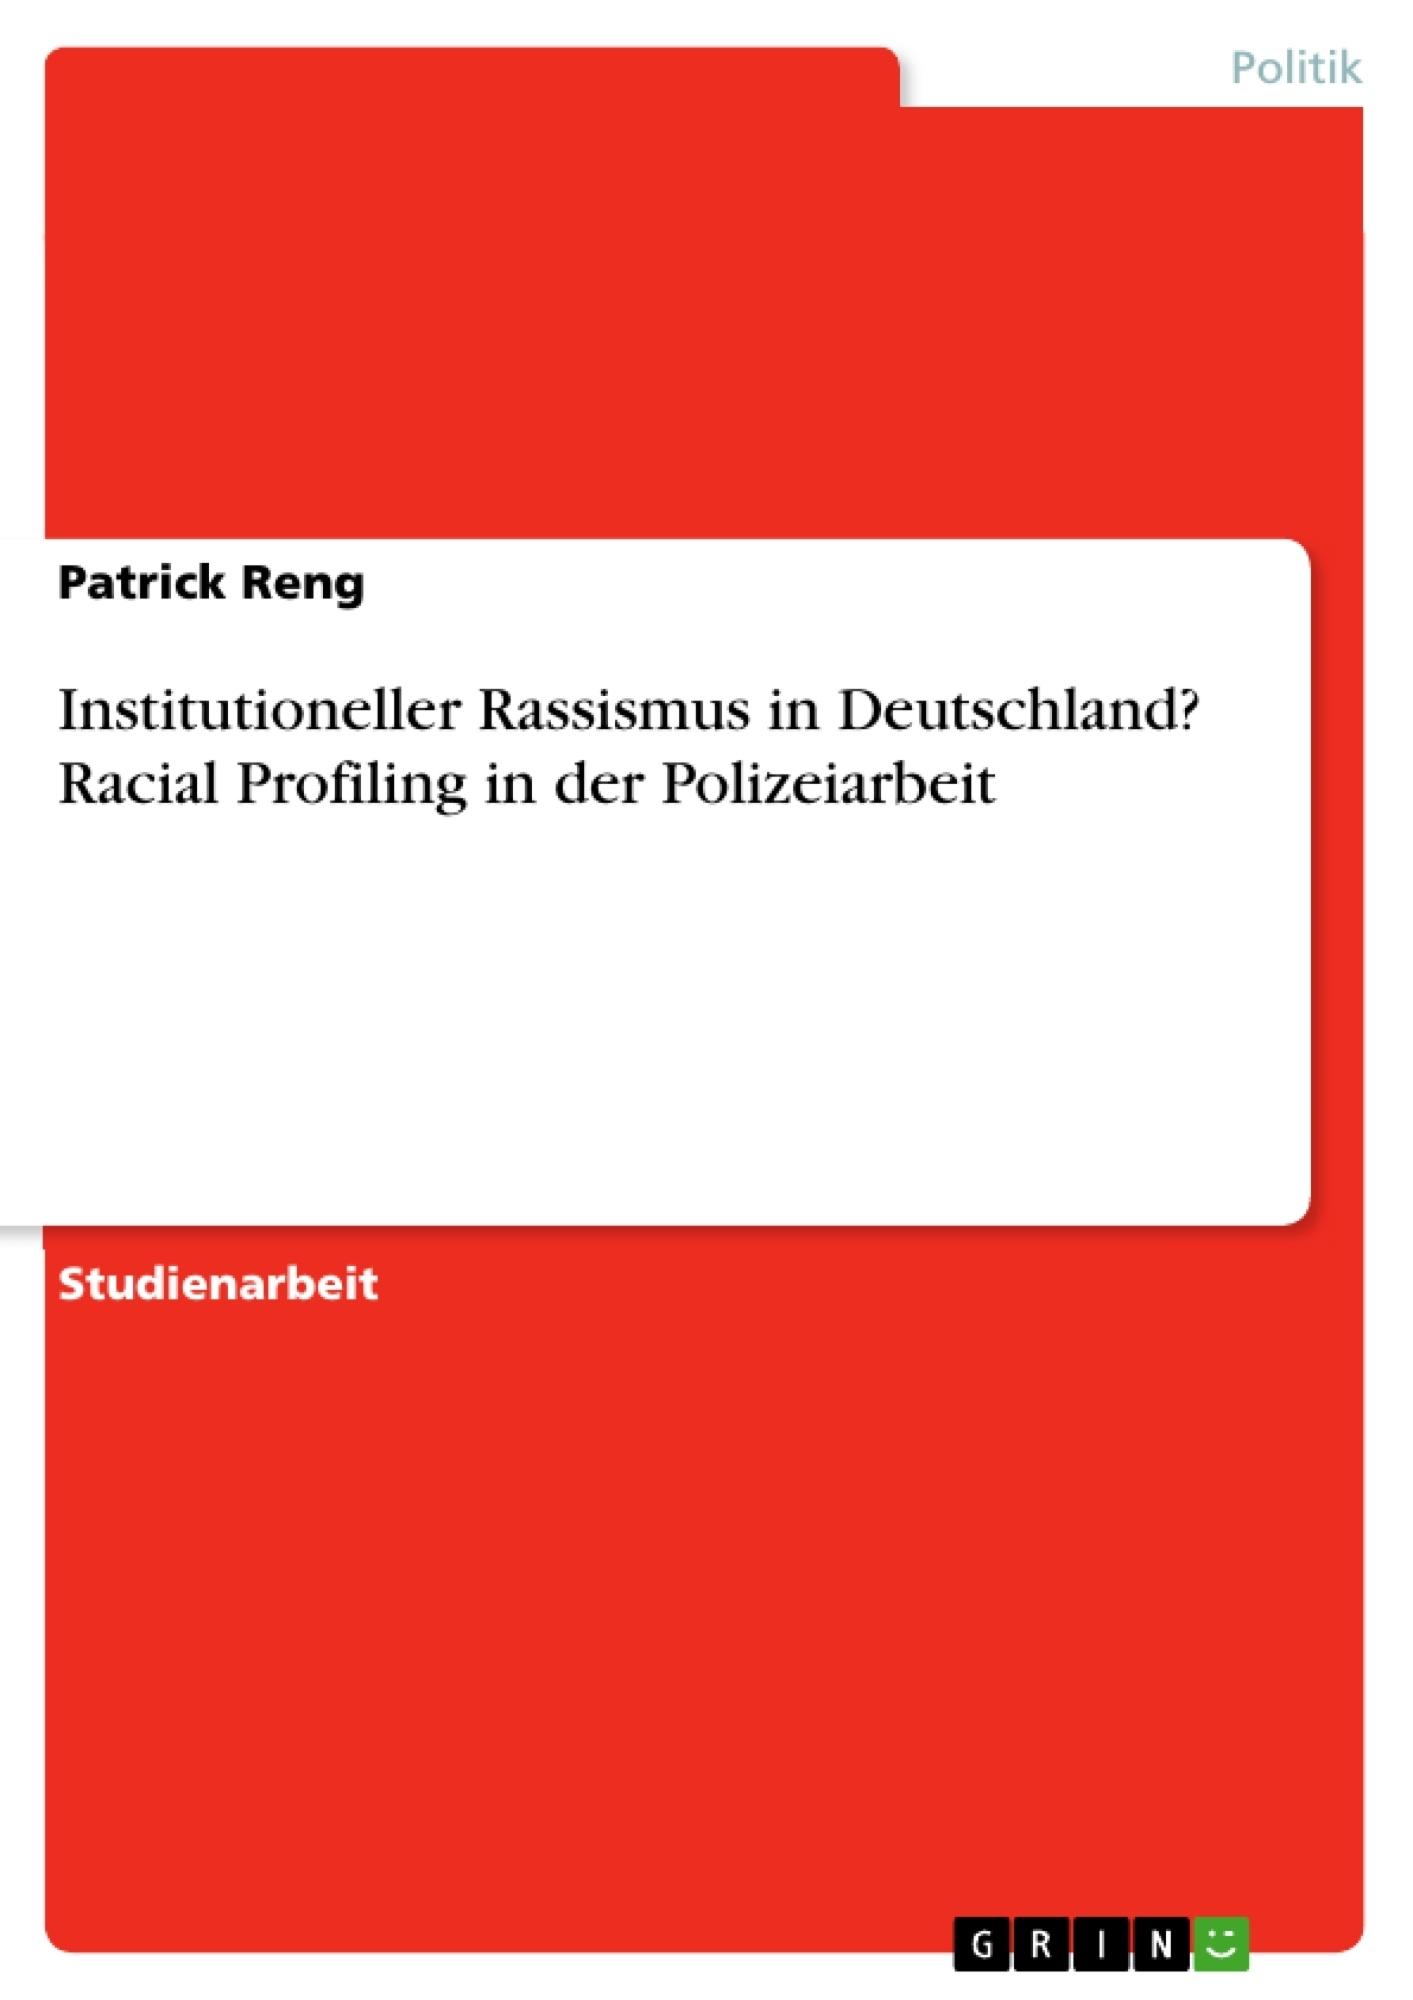 Titel: Institutioneller Rassismus in Deutschland? Racial Profiling in der Polizeiarbeit